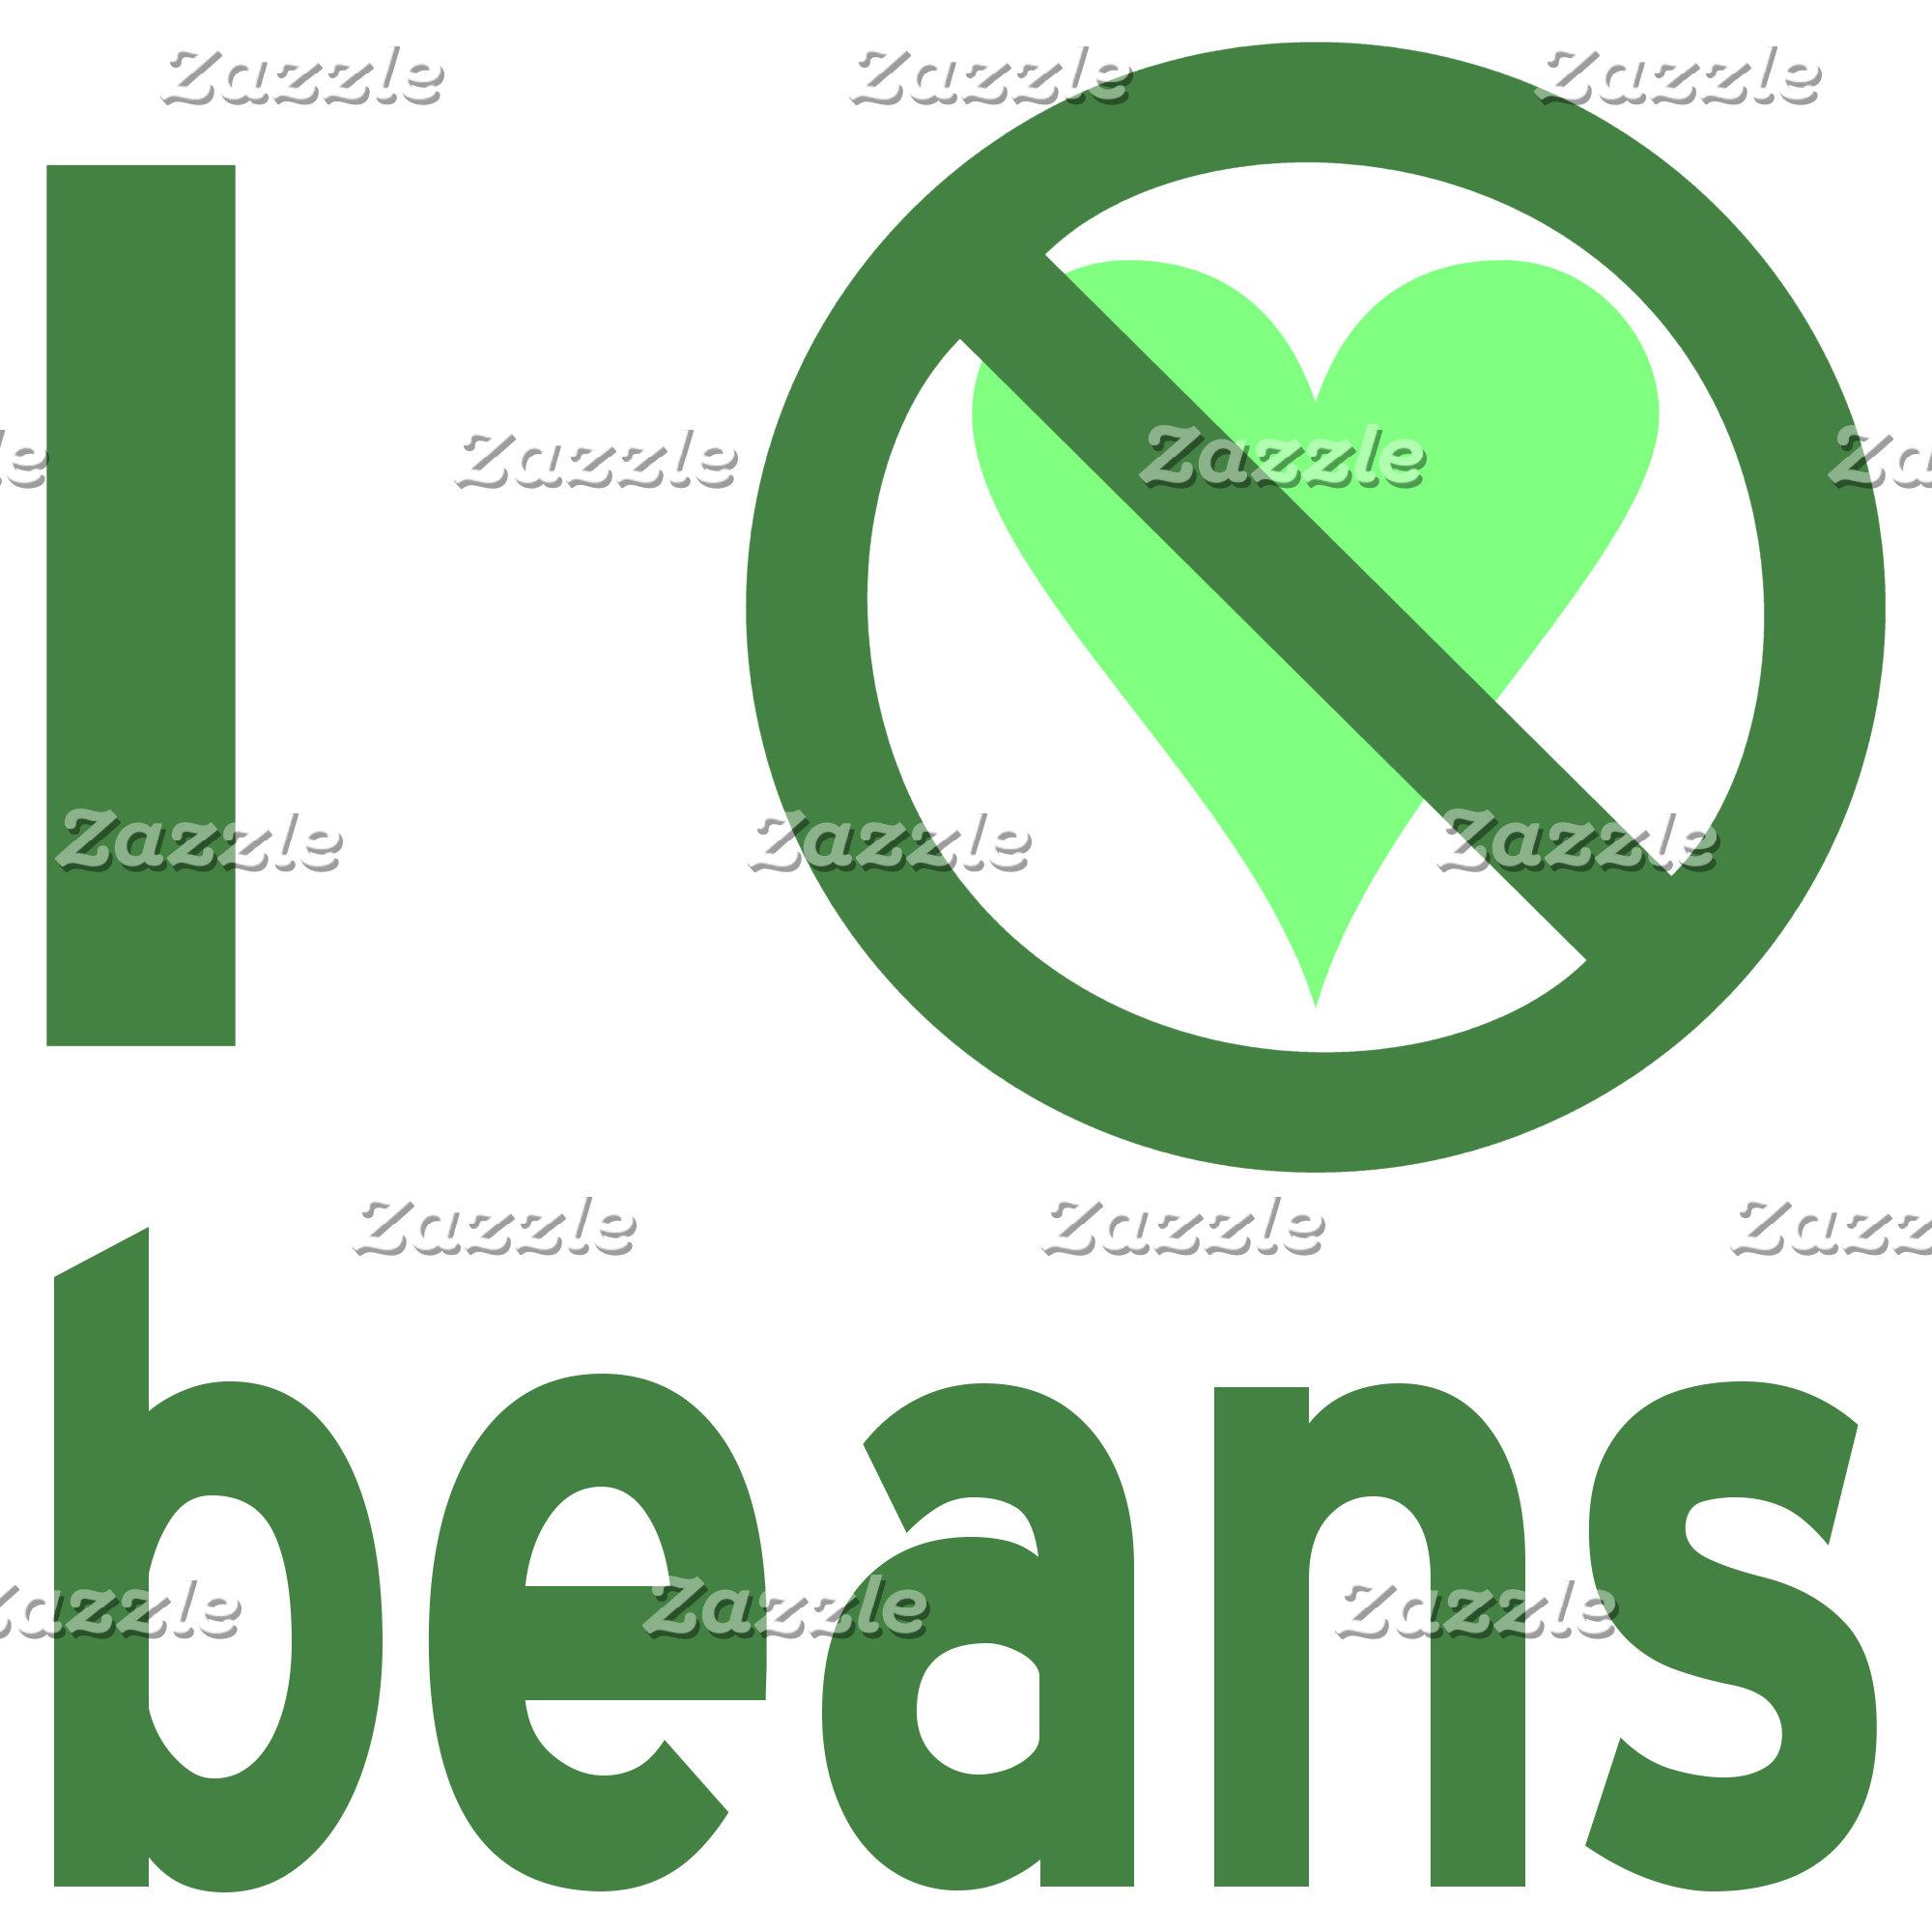 I Hate Beans